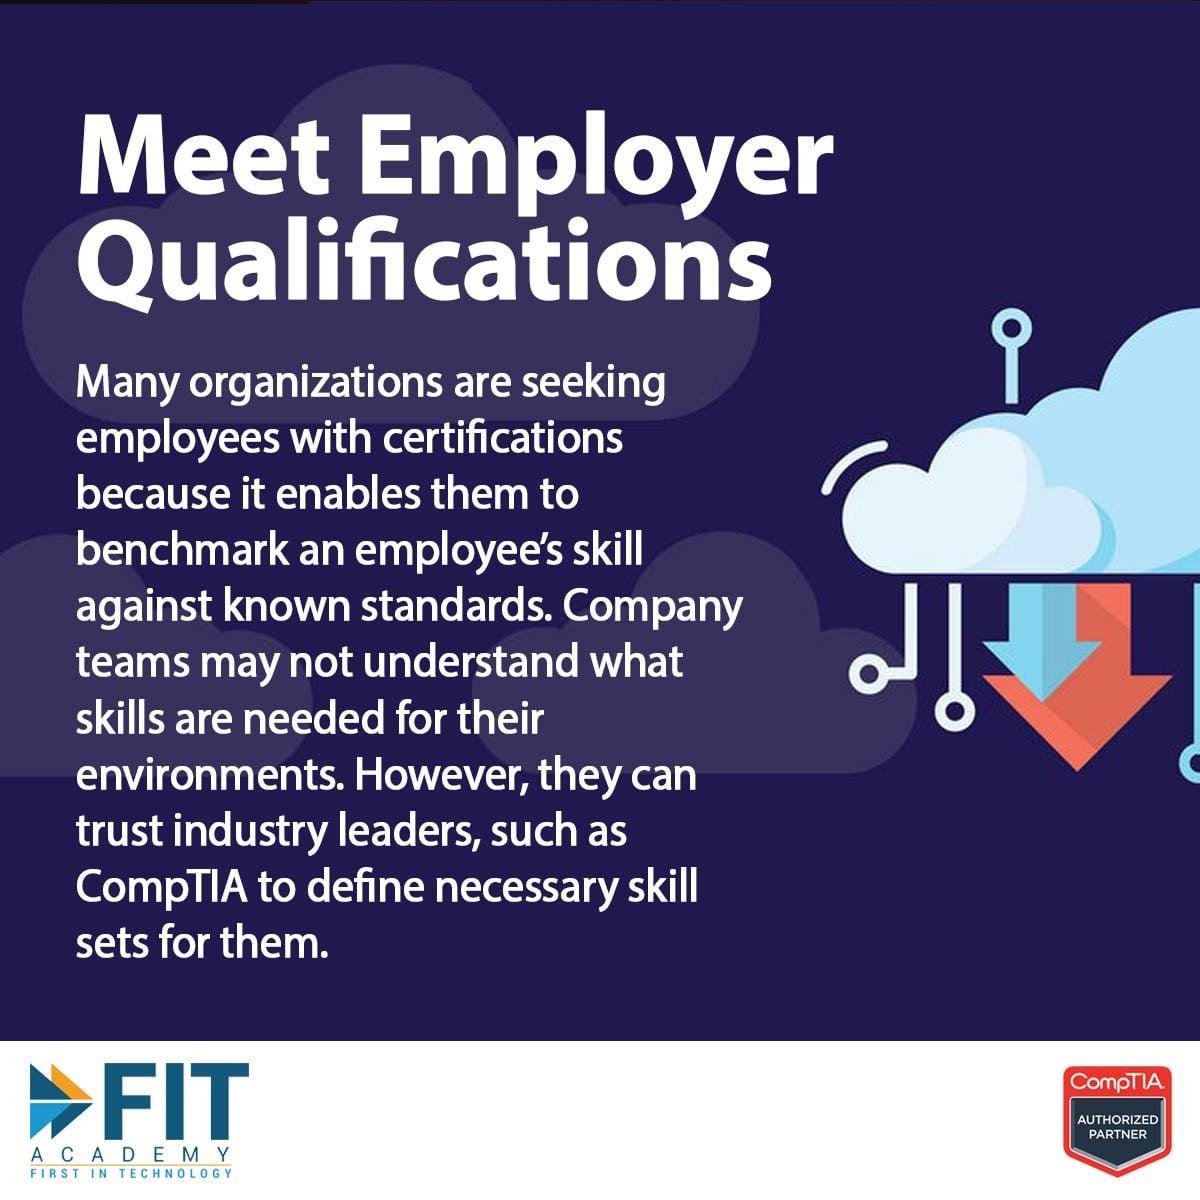 Meet Employer Qualification